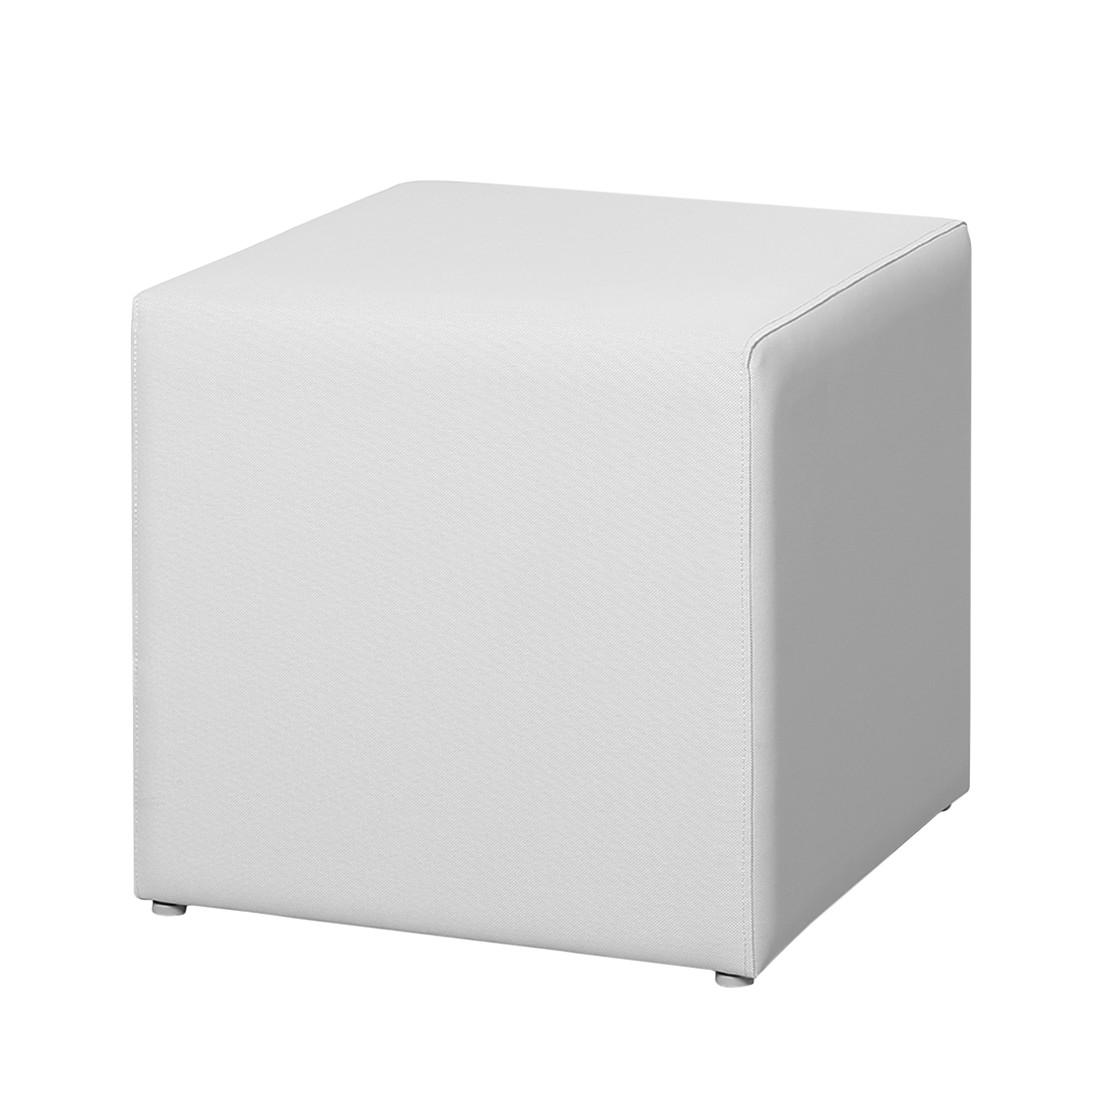 Hocker Kuba - Ergotex - Weiß, Best Freizeitmöbel